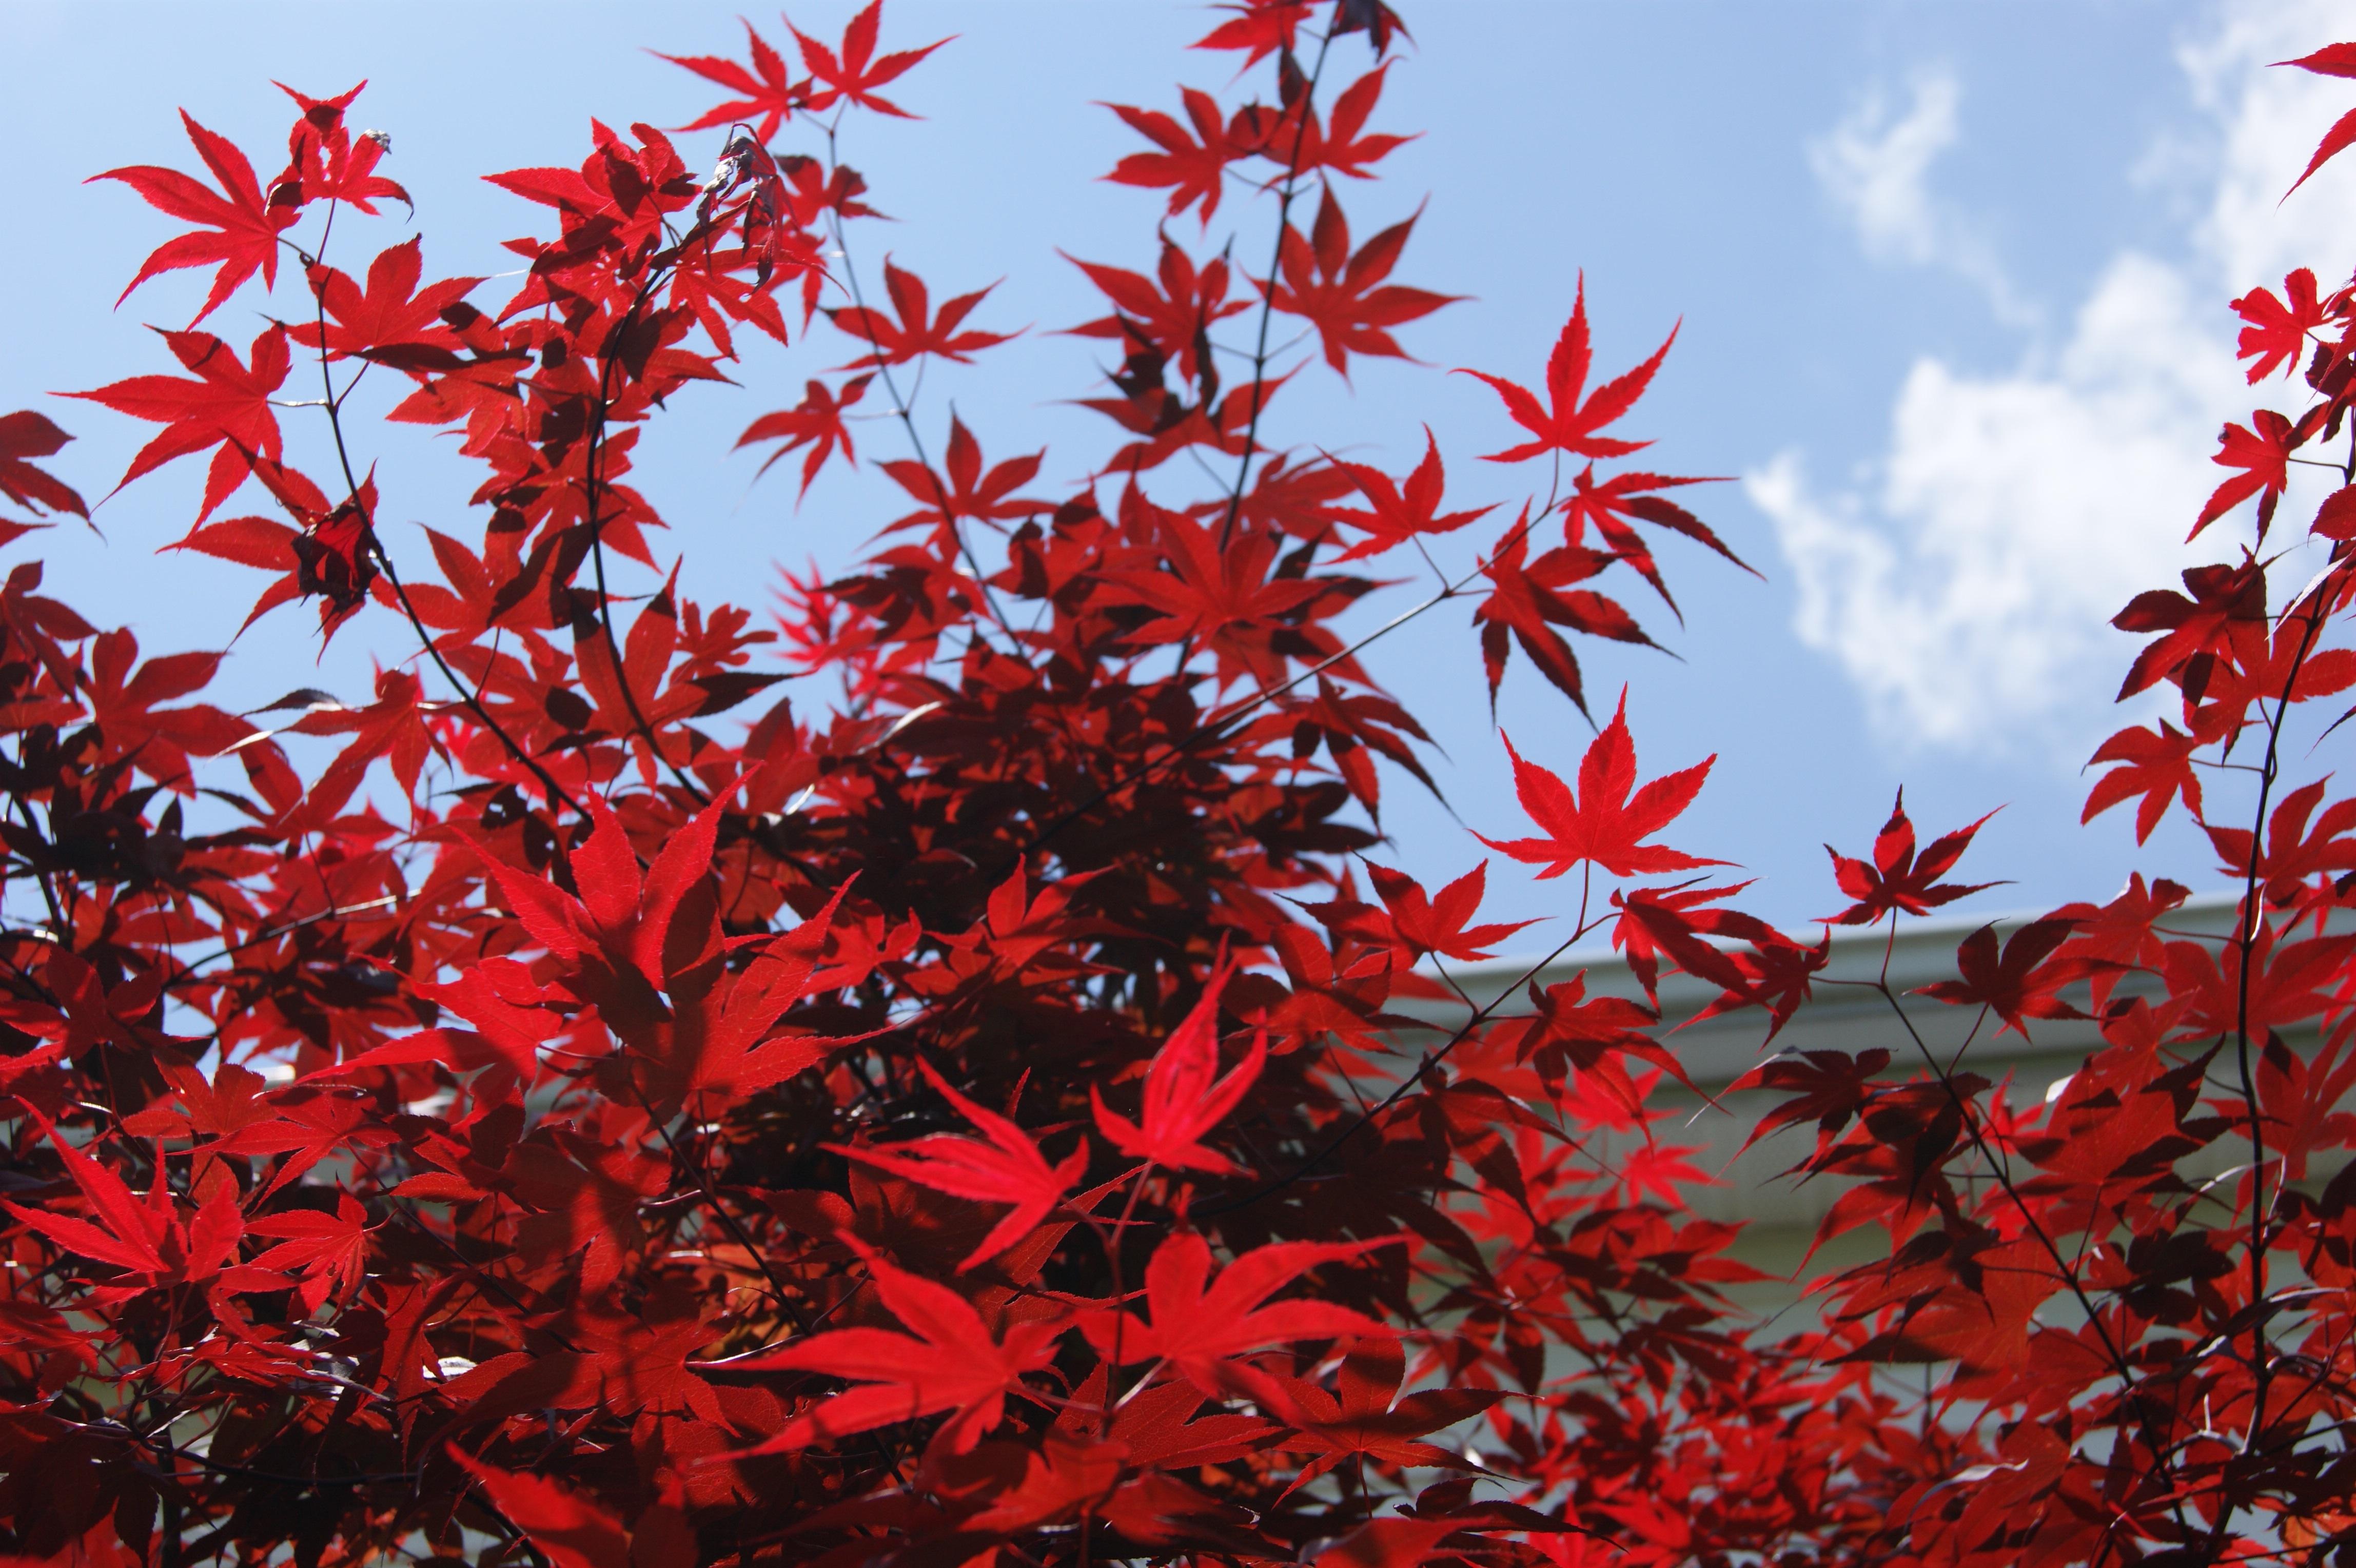 images gratuites : arbre, branche, ciel, feuille, fleur, feuillage